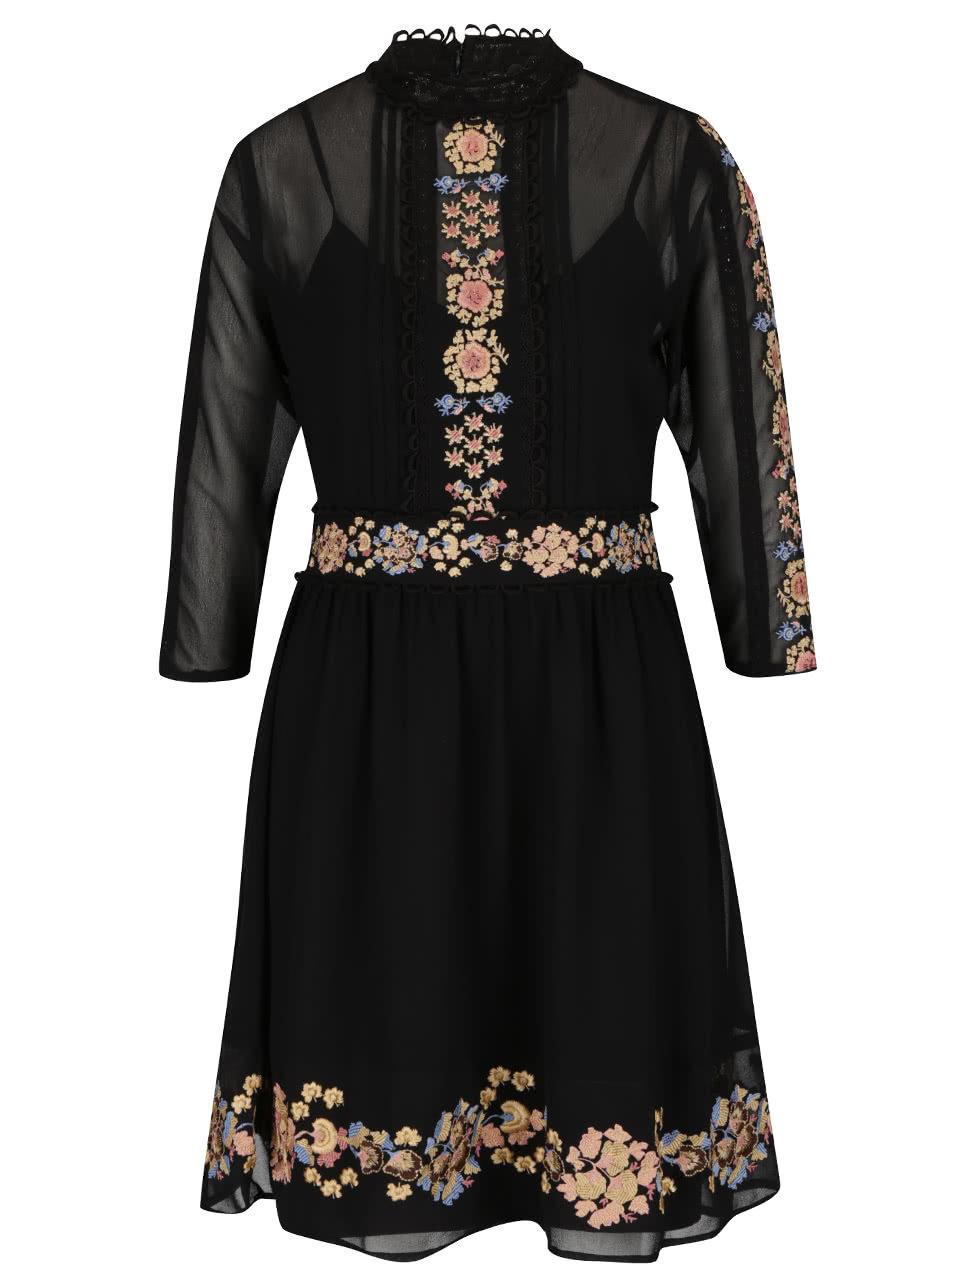 Čierne šifónové šaty s kvetinovými výšivkami Miss Selfridge ... 02f9941746